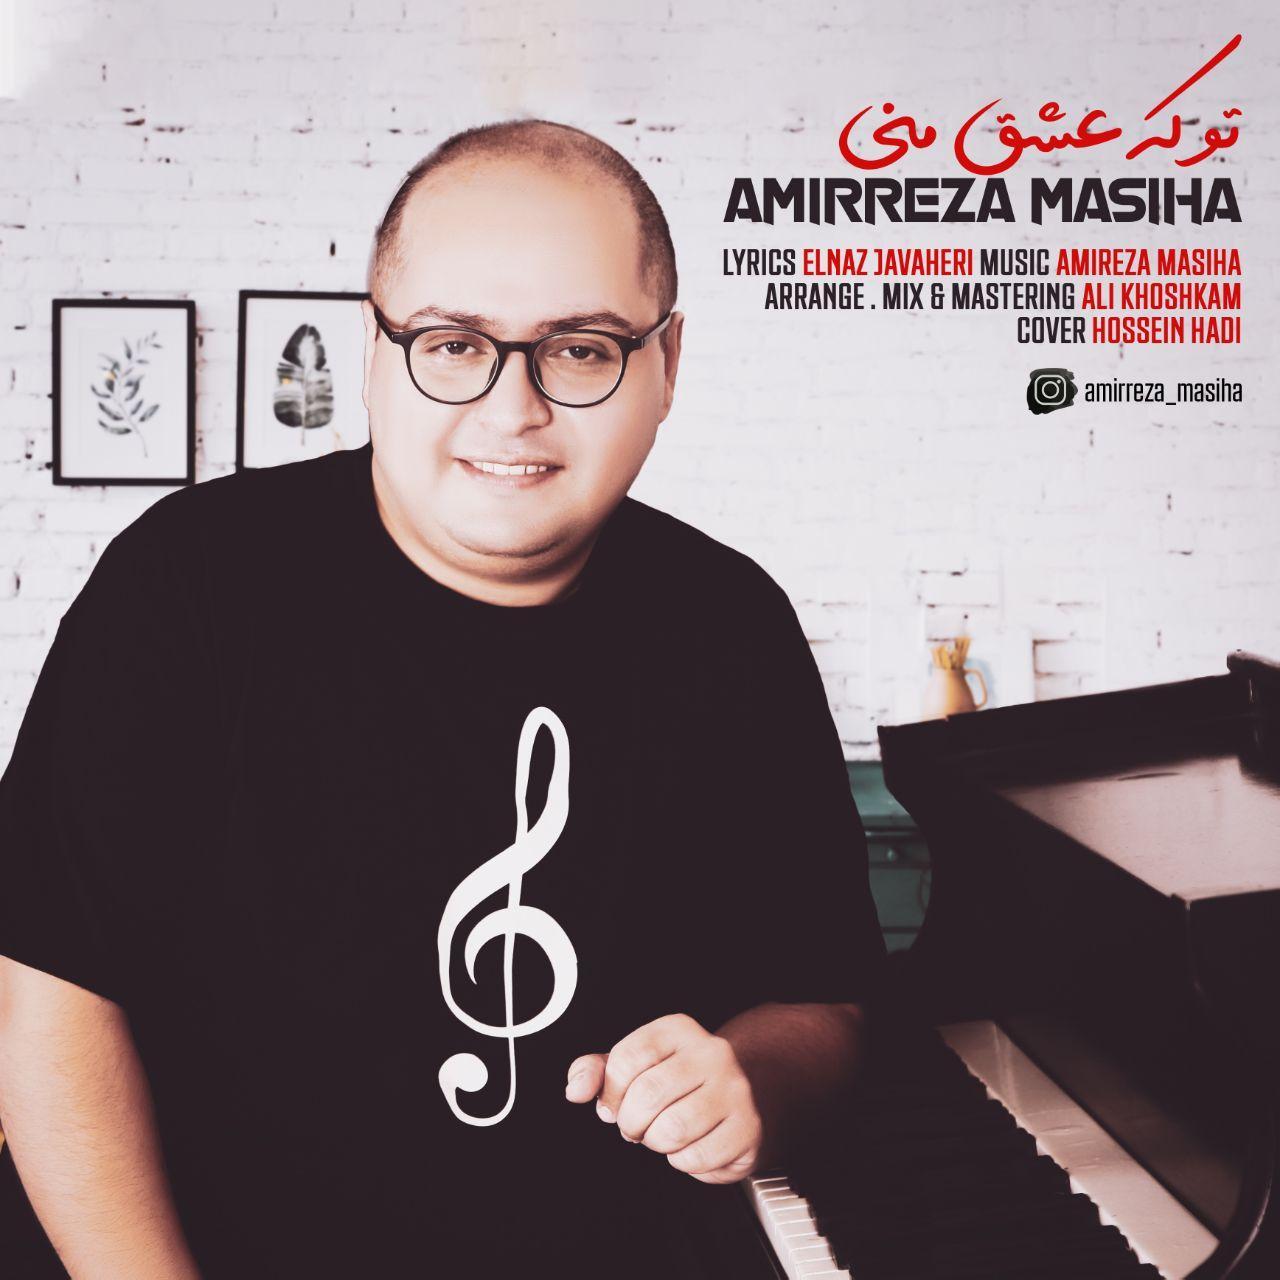 Amirreza Masiha – To Ke Eshghe Mani